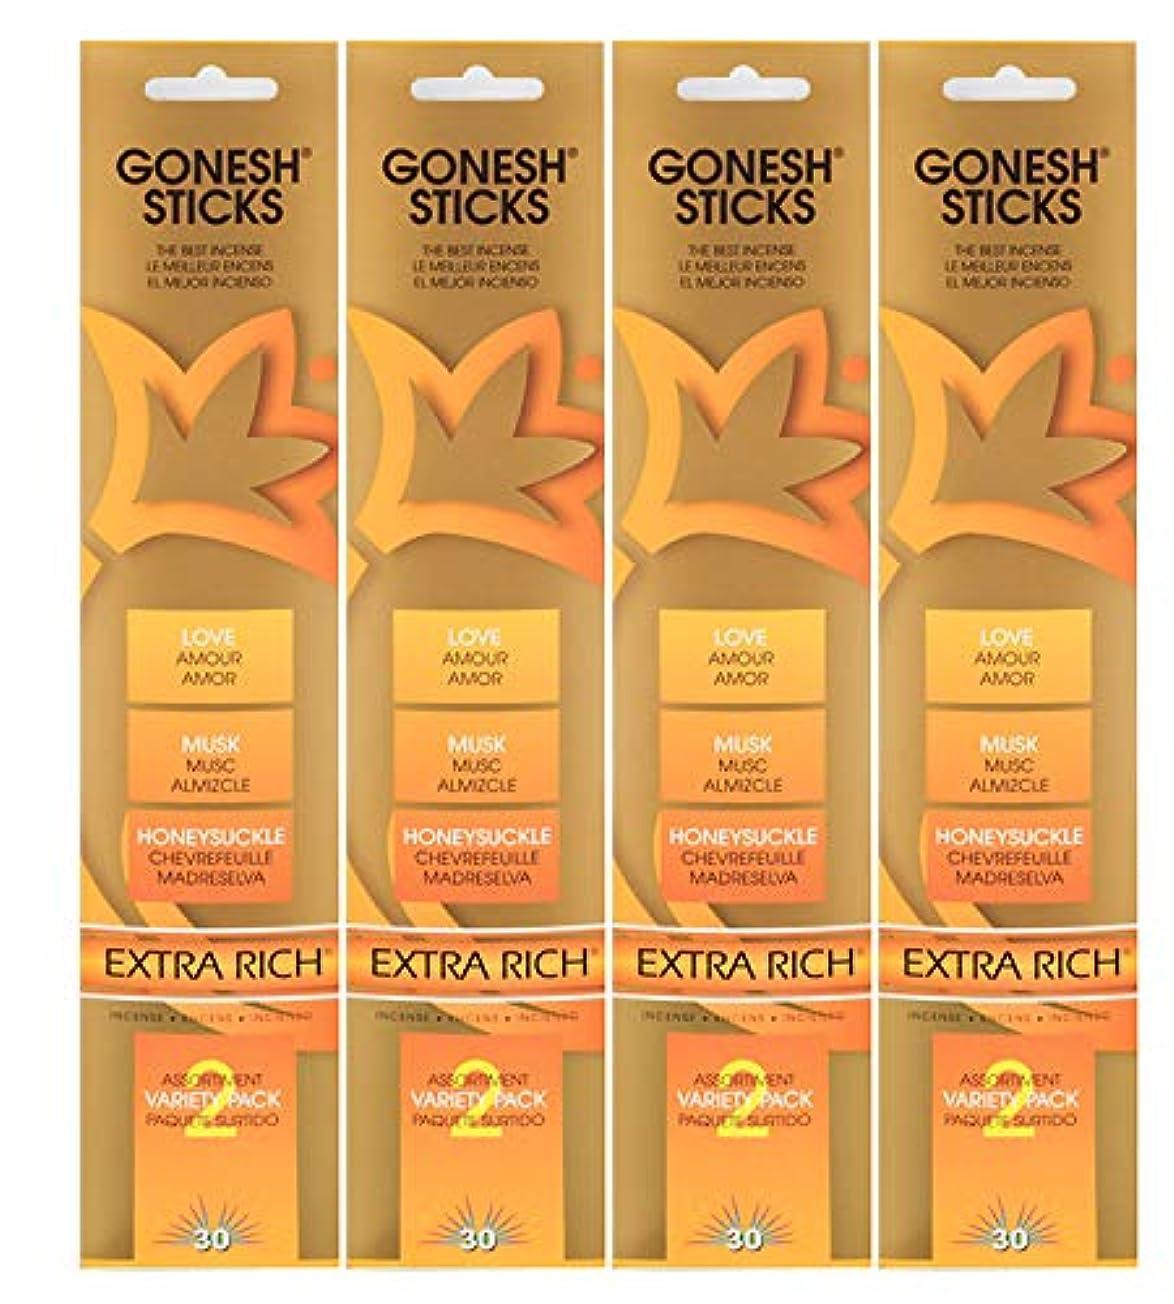 ラバ増幅インフルエンザGonesh Incense Sticks – Extra Rich Variety Pack # 2 (愛、ムスク、スイカズラ) Lot of 4